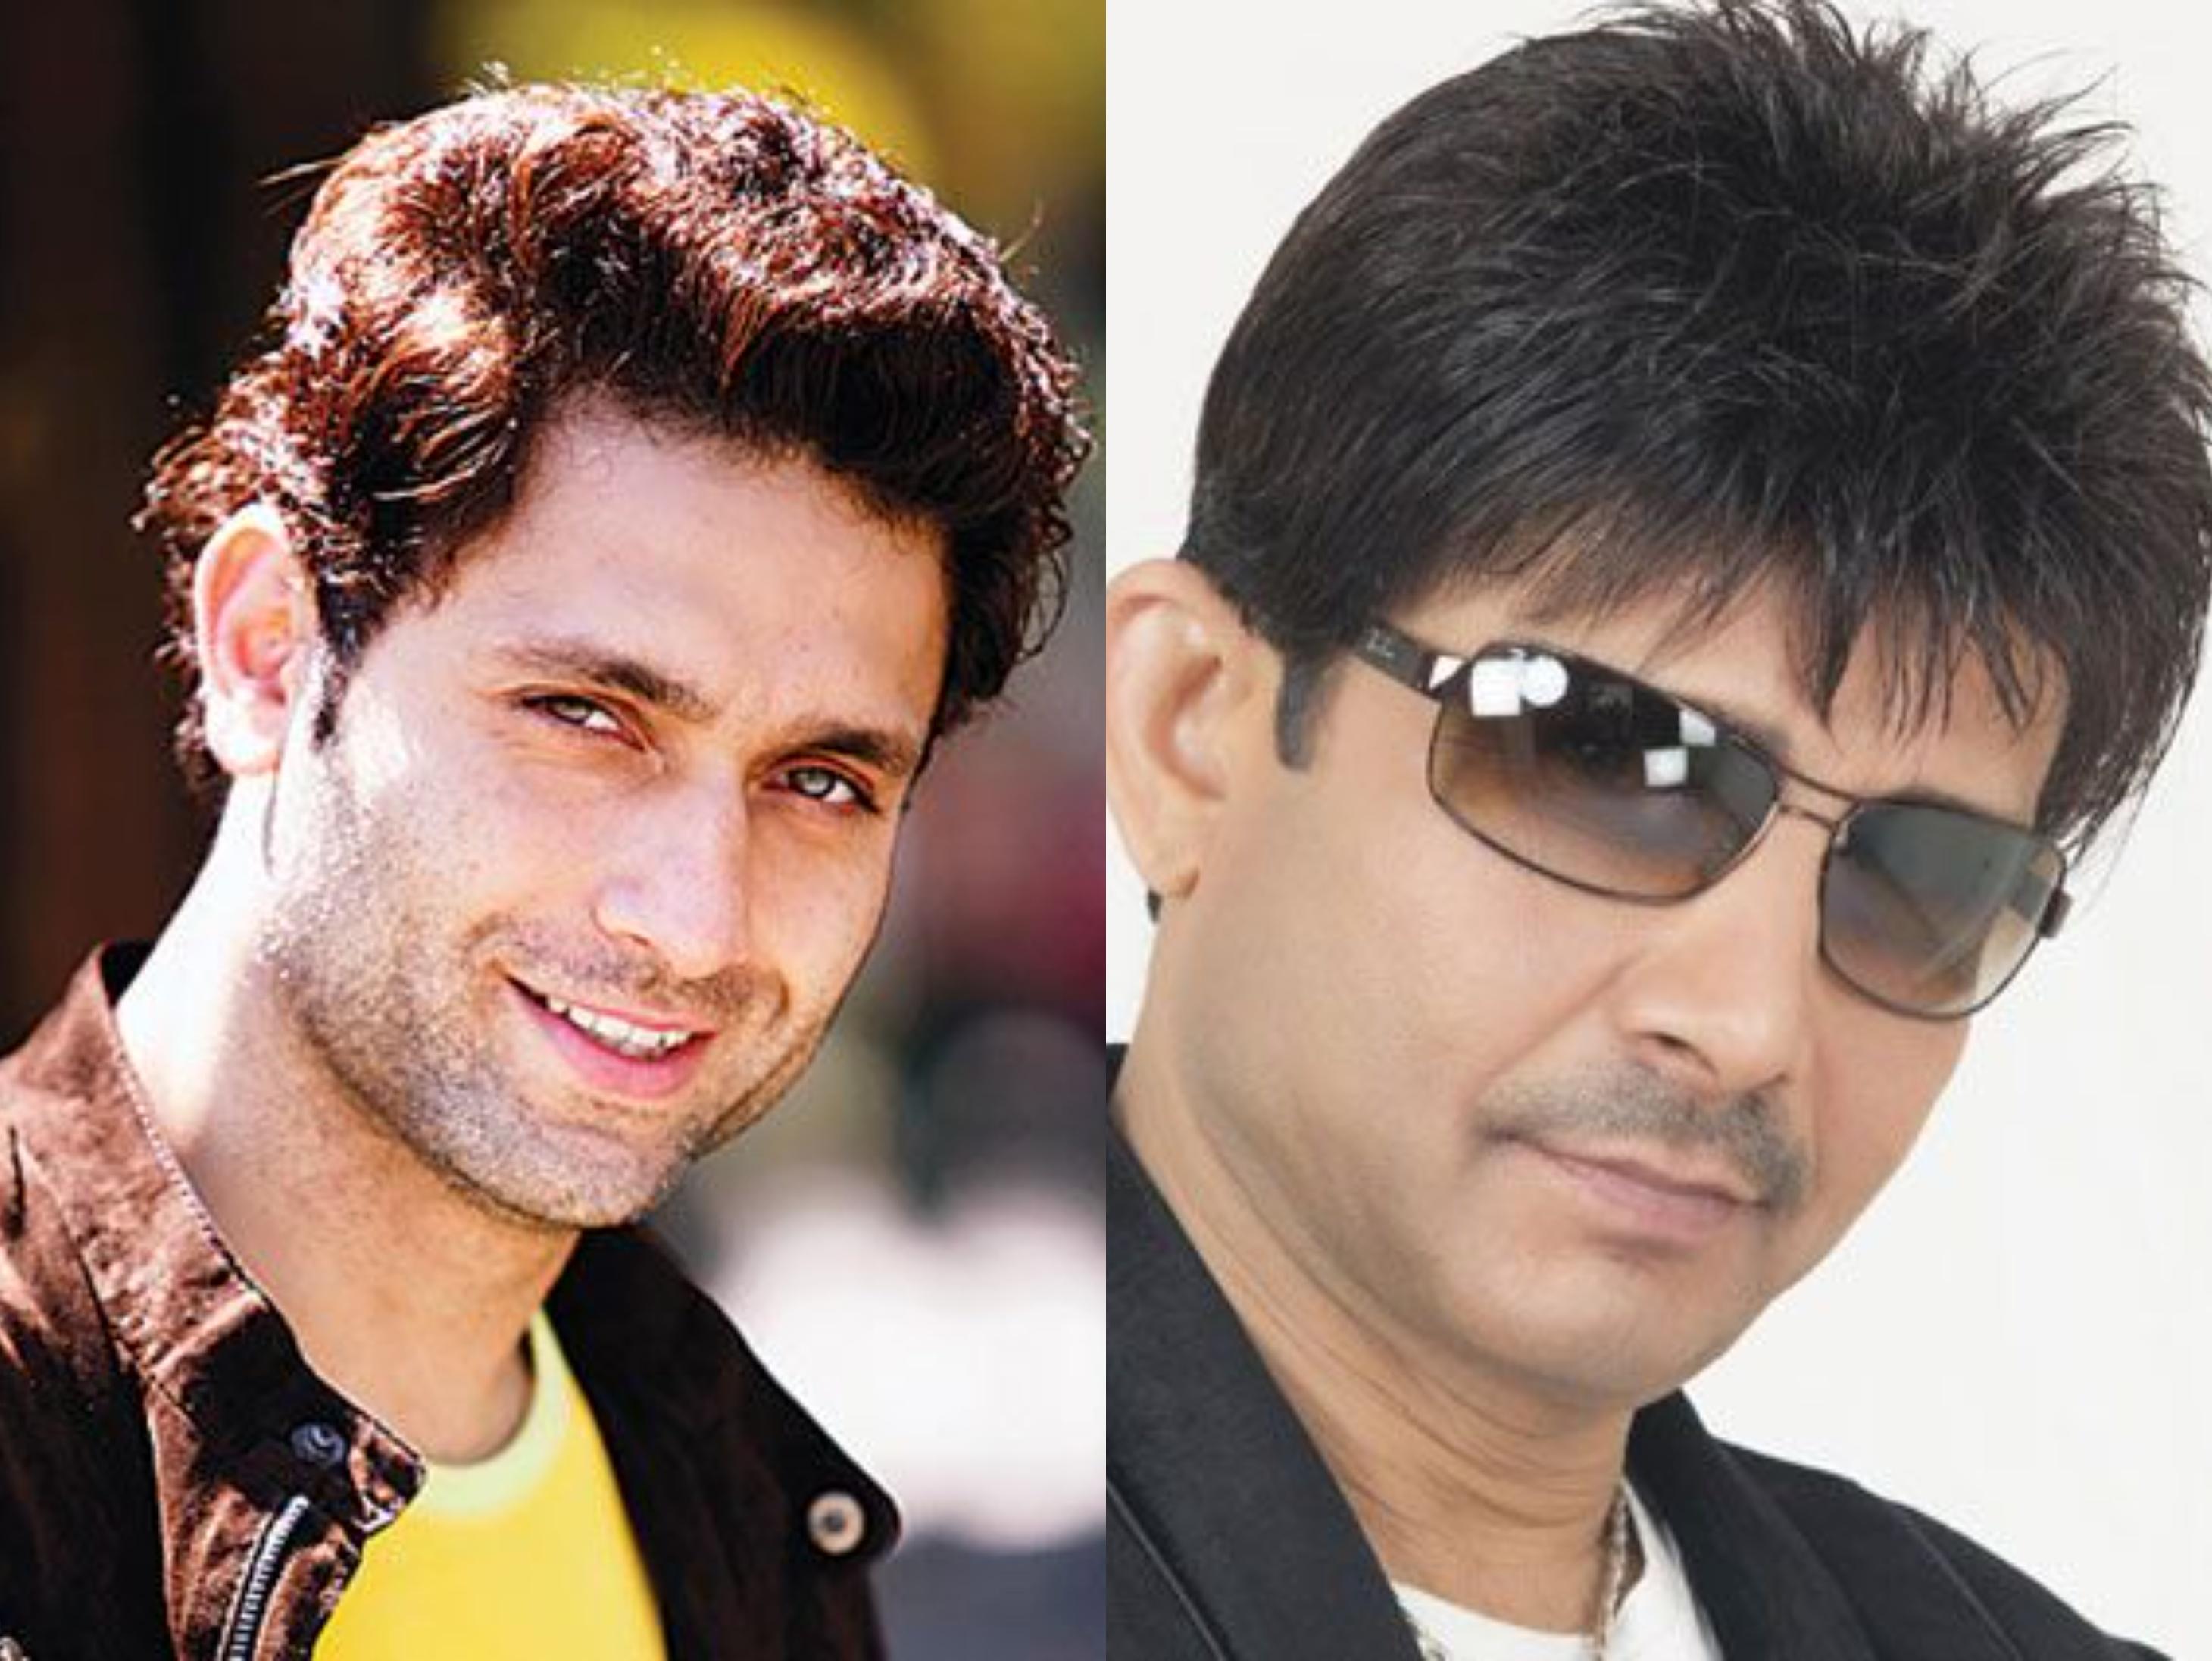 कमाल खान बोले- शाइनी आहूजा ने उनसे कहा था कि जेल से रिहा होने के बाद भट्ट साहब उनका करियर संवारेंगे|बॉलीवुड,Bollywood - Dainik Bhaskar